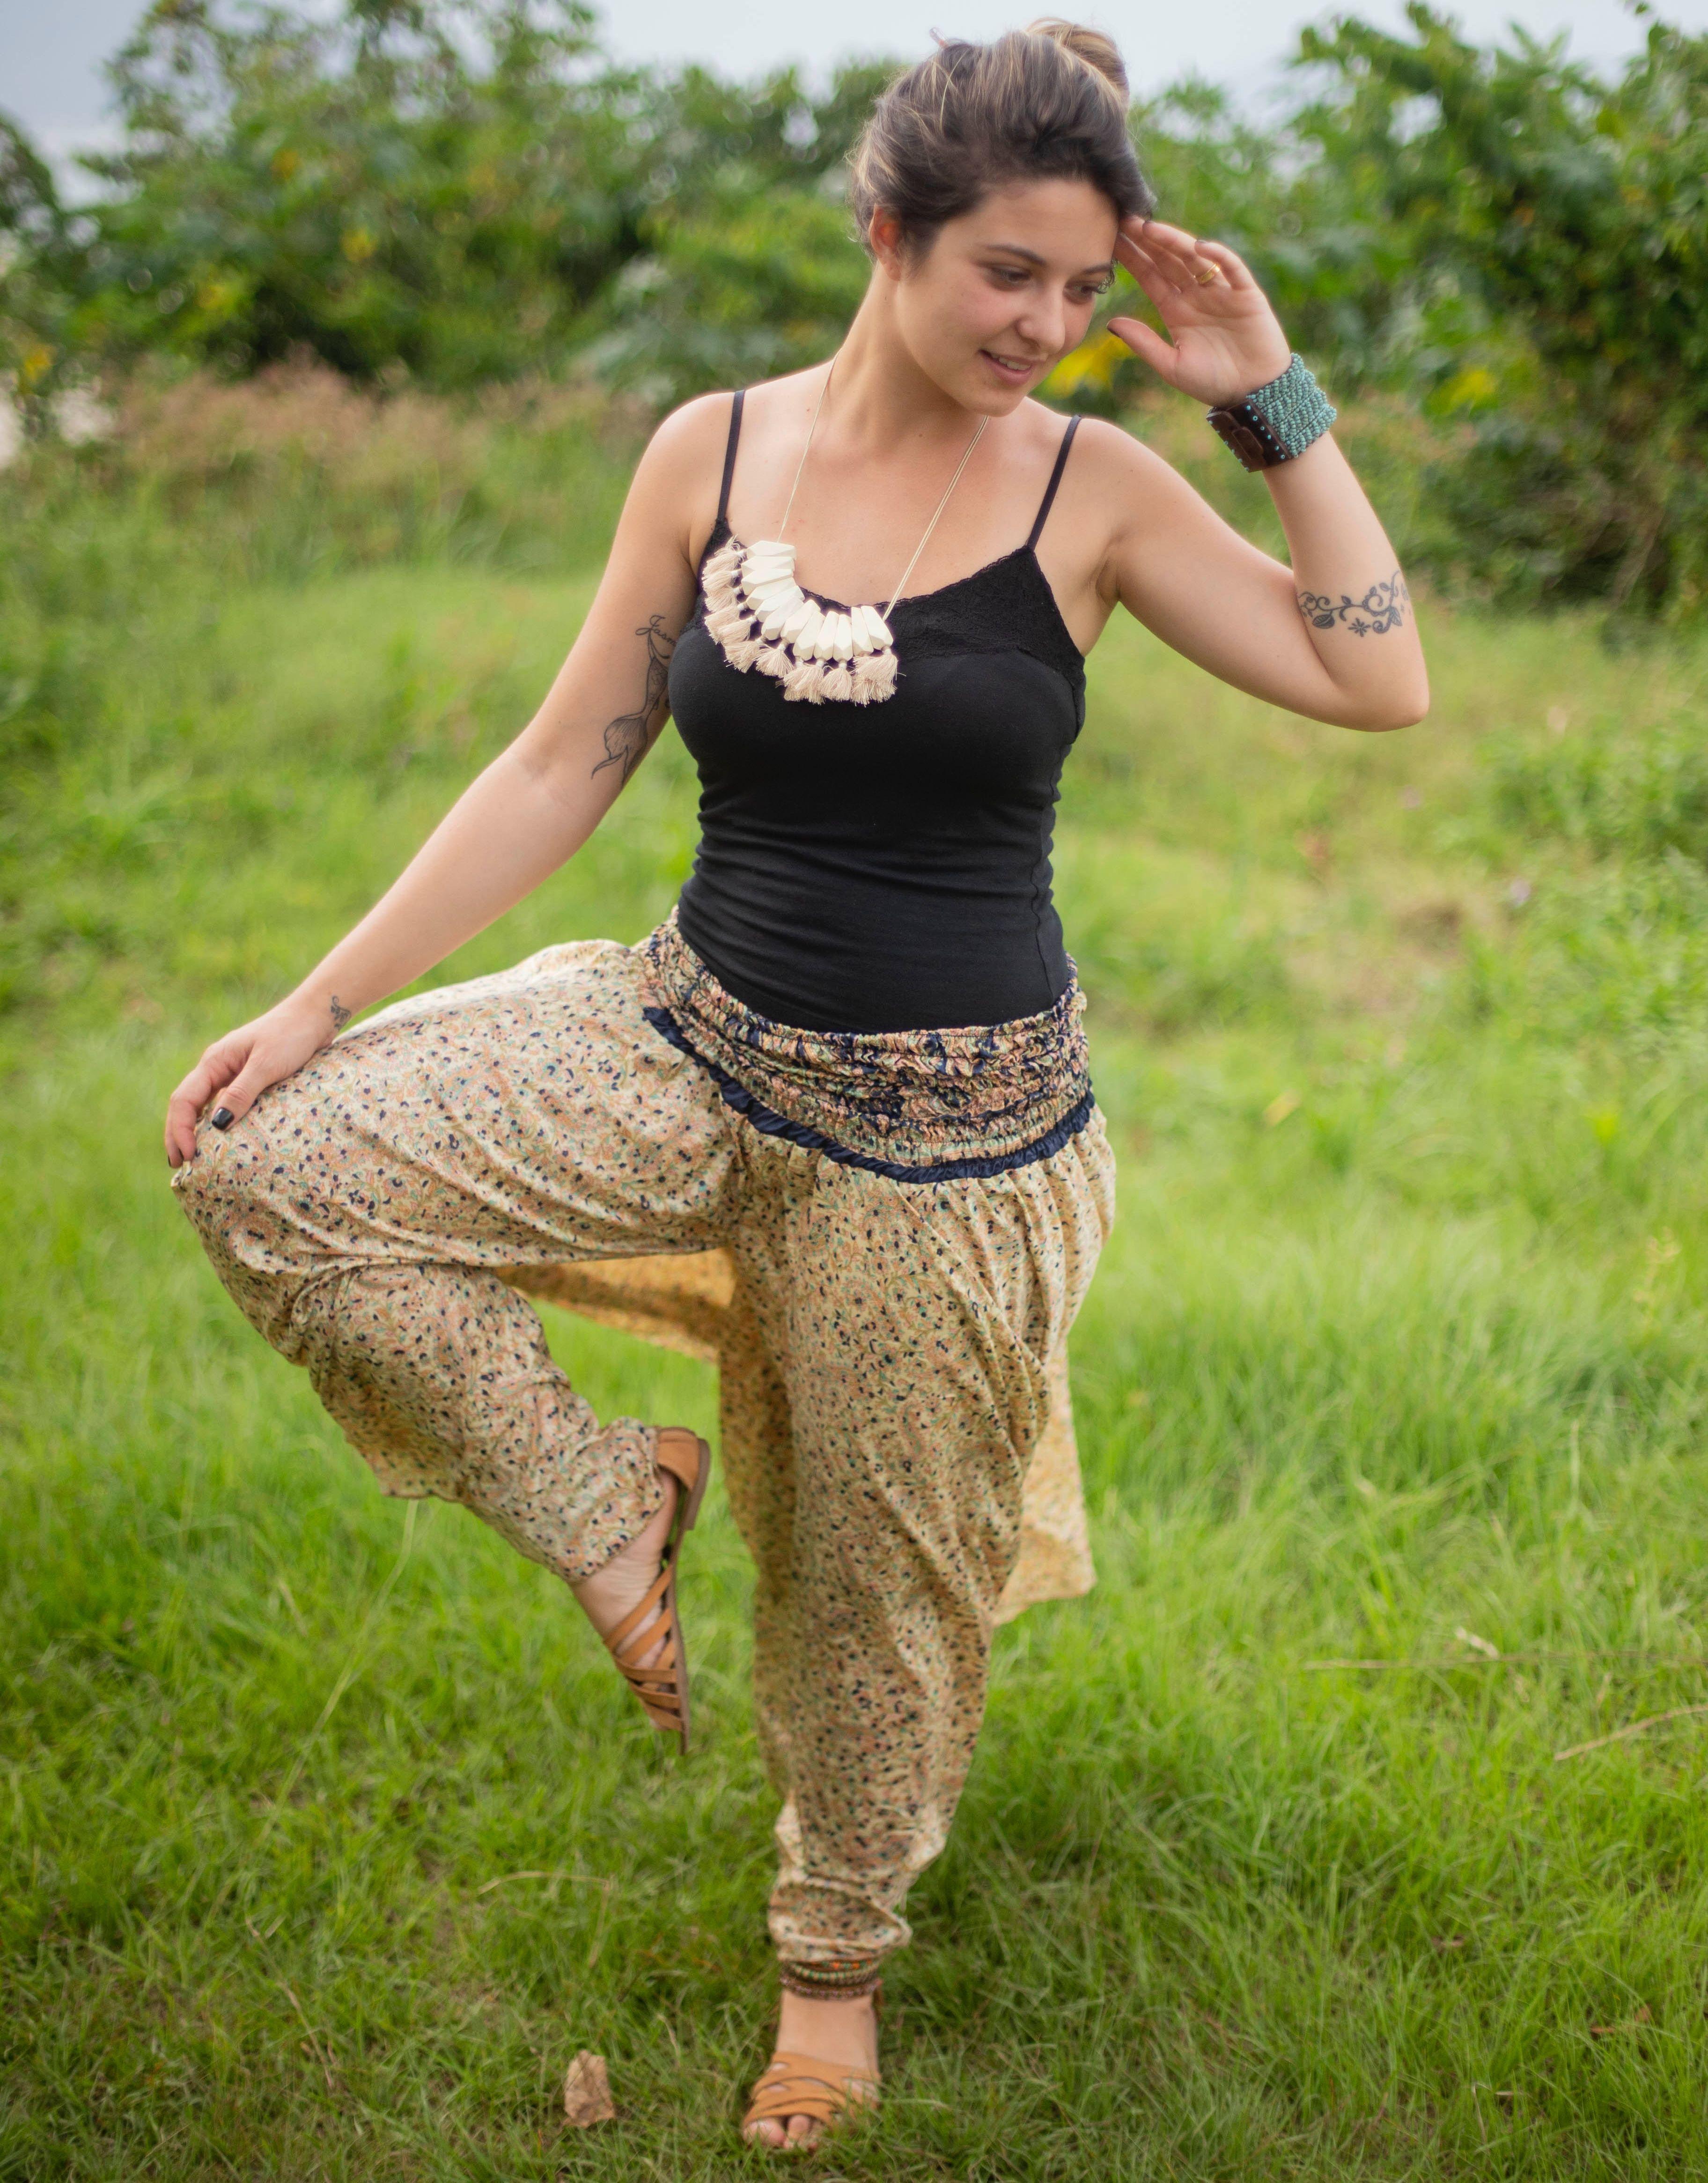 vrikshasana tree pose yoga वृक्षासन योग